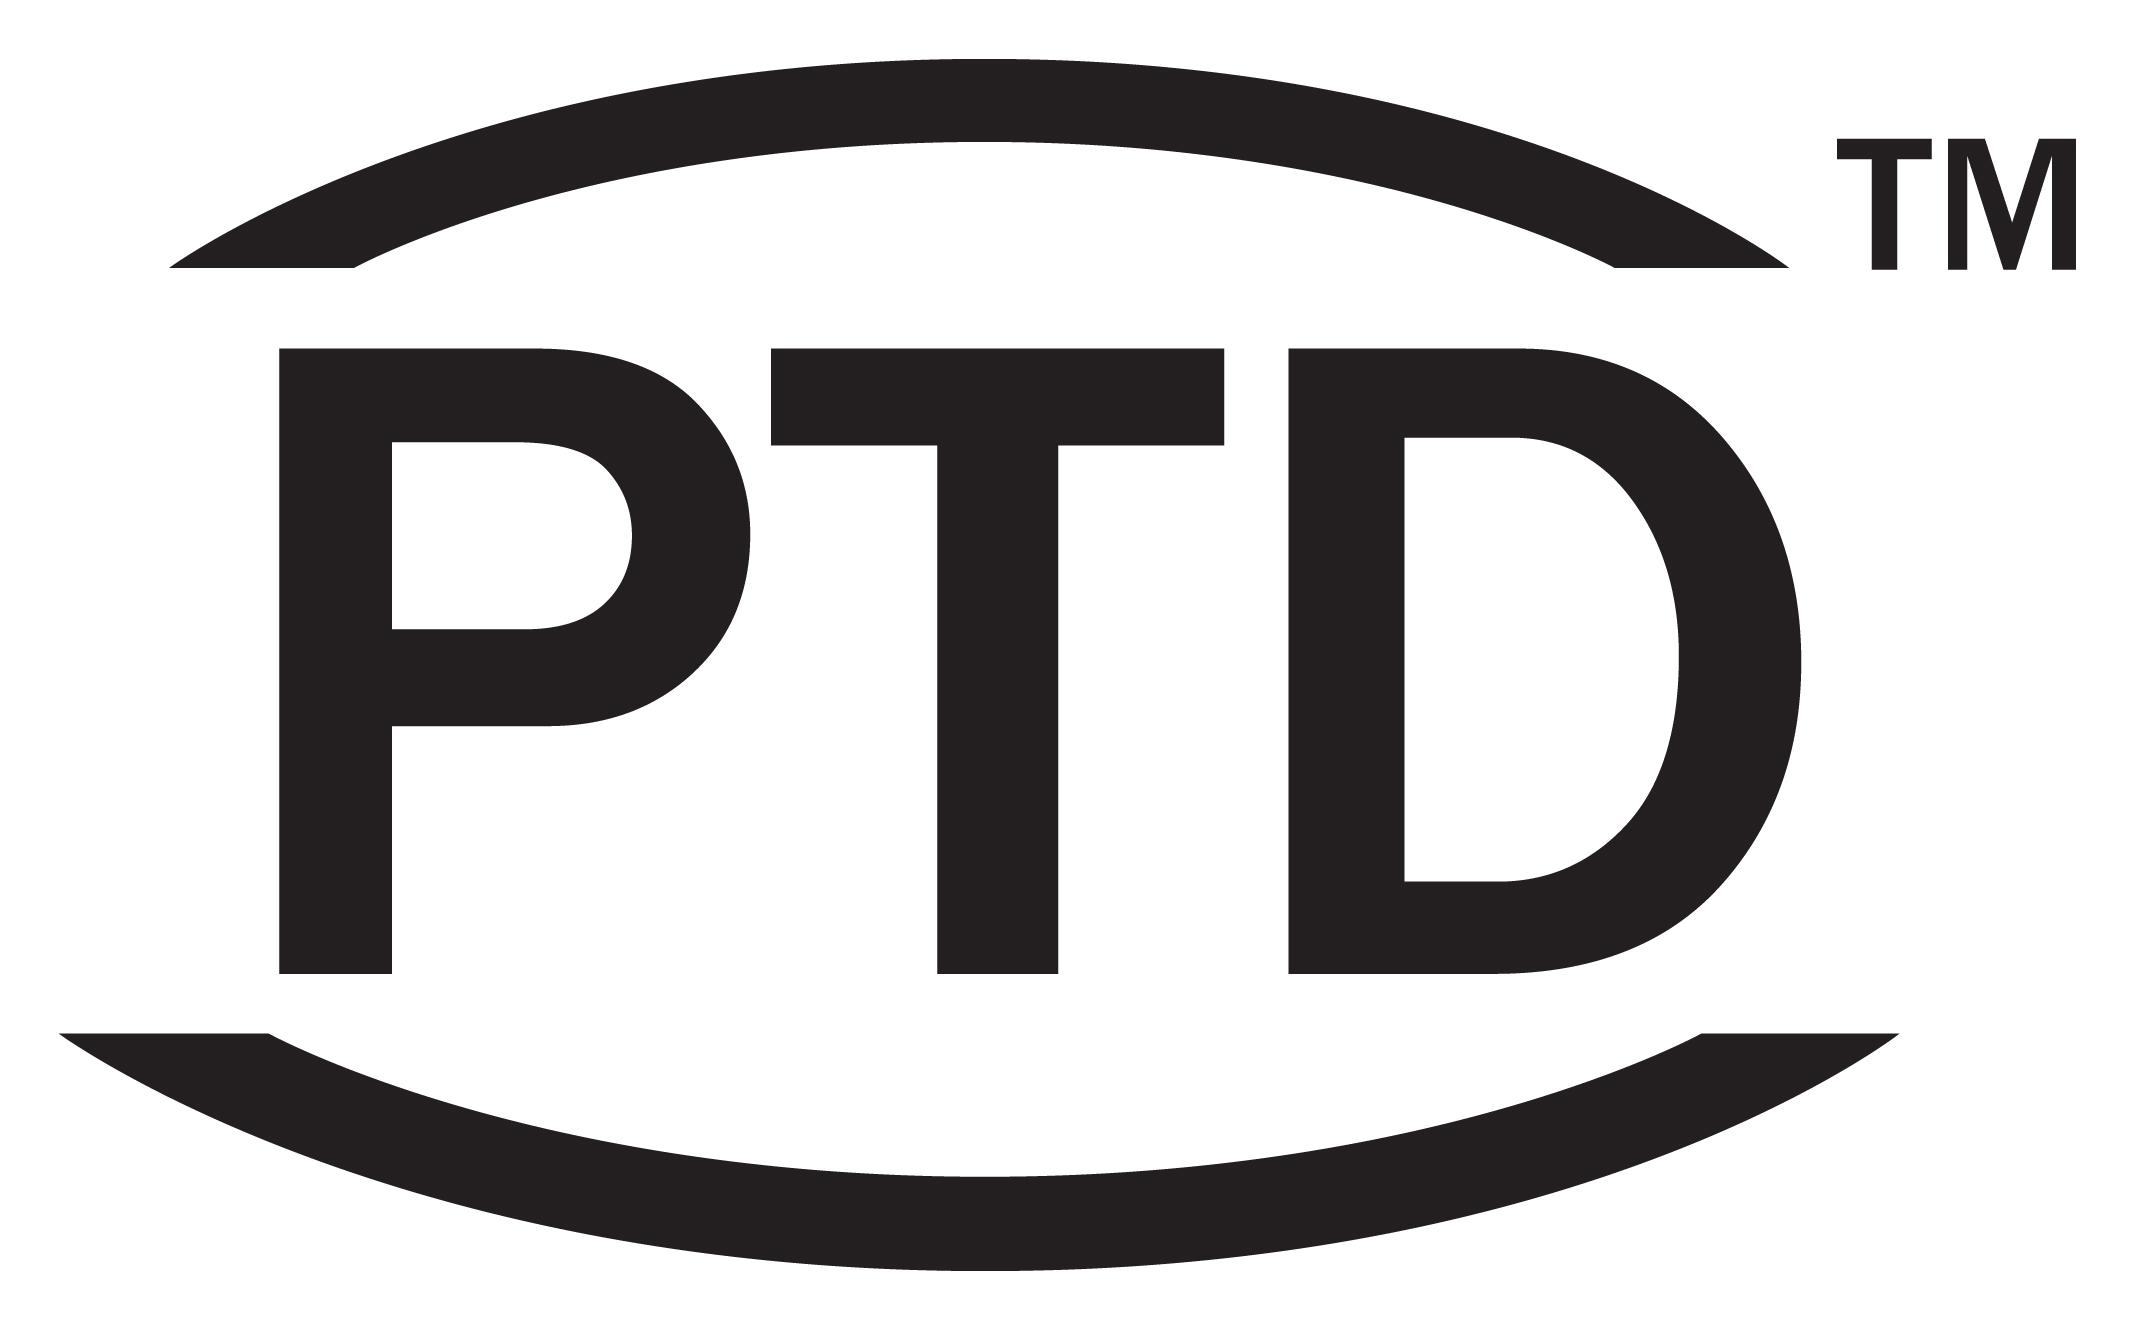 PTD - Precision Touch Design